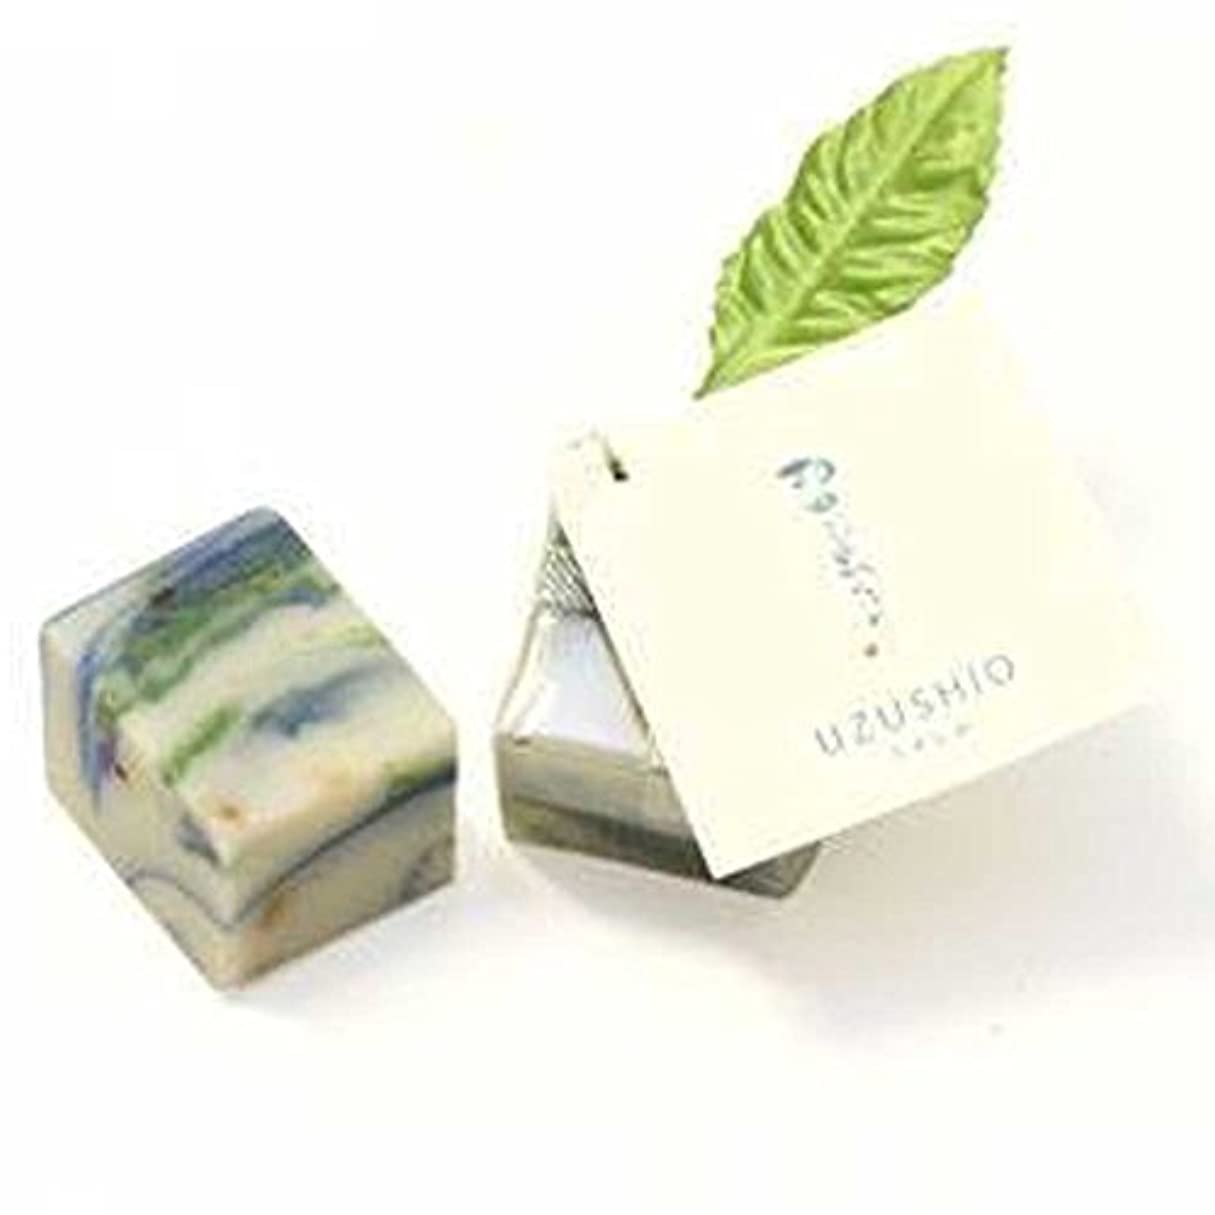 申し立てられた変化忌避剤Herb?Room leaf UZUSHIO石けん 25g×2個